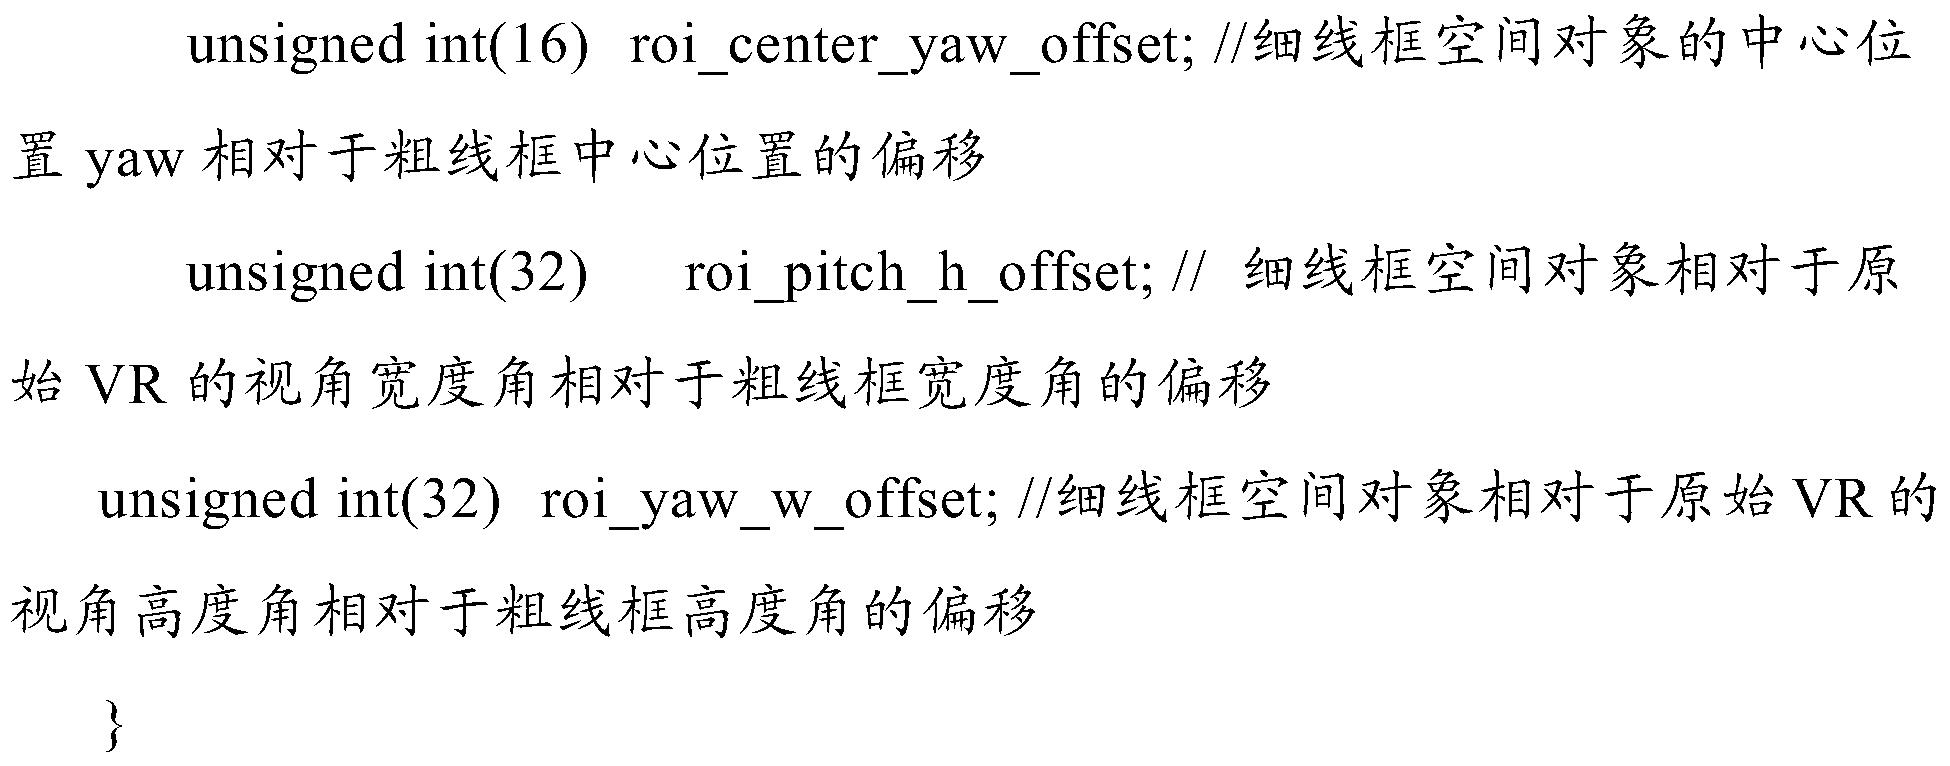 Figure PCTCN2016107111-appb-000006